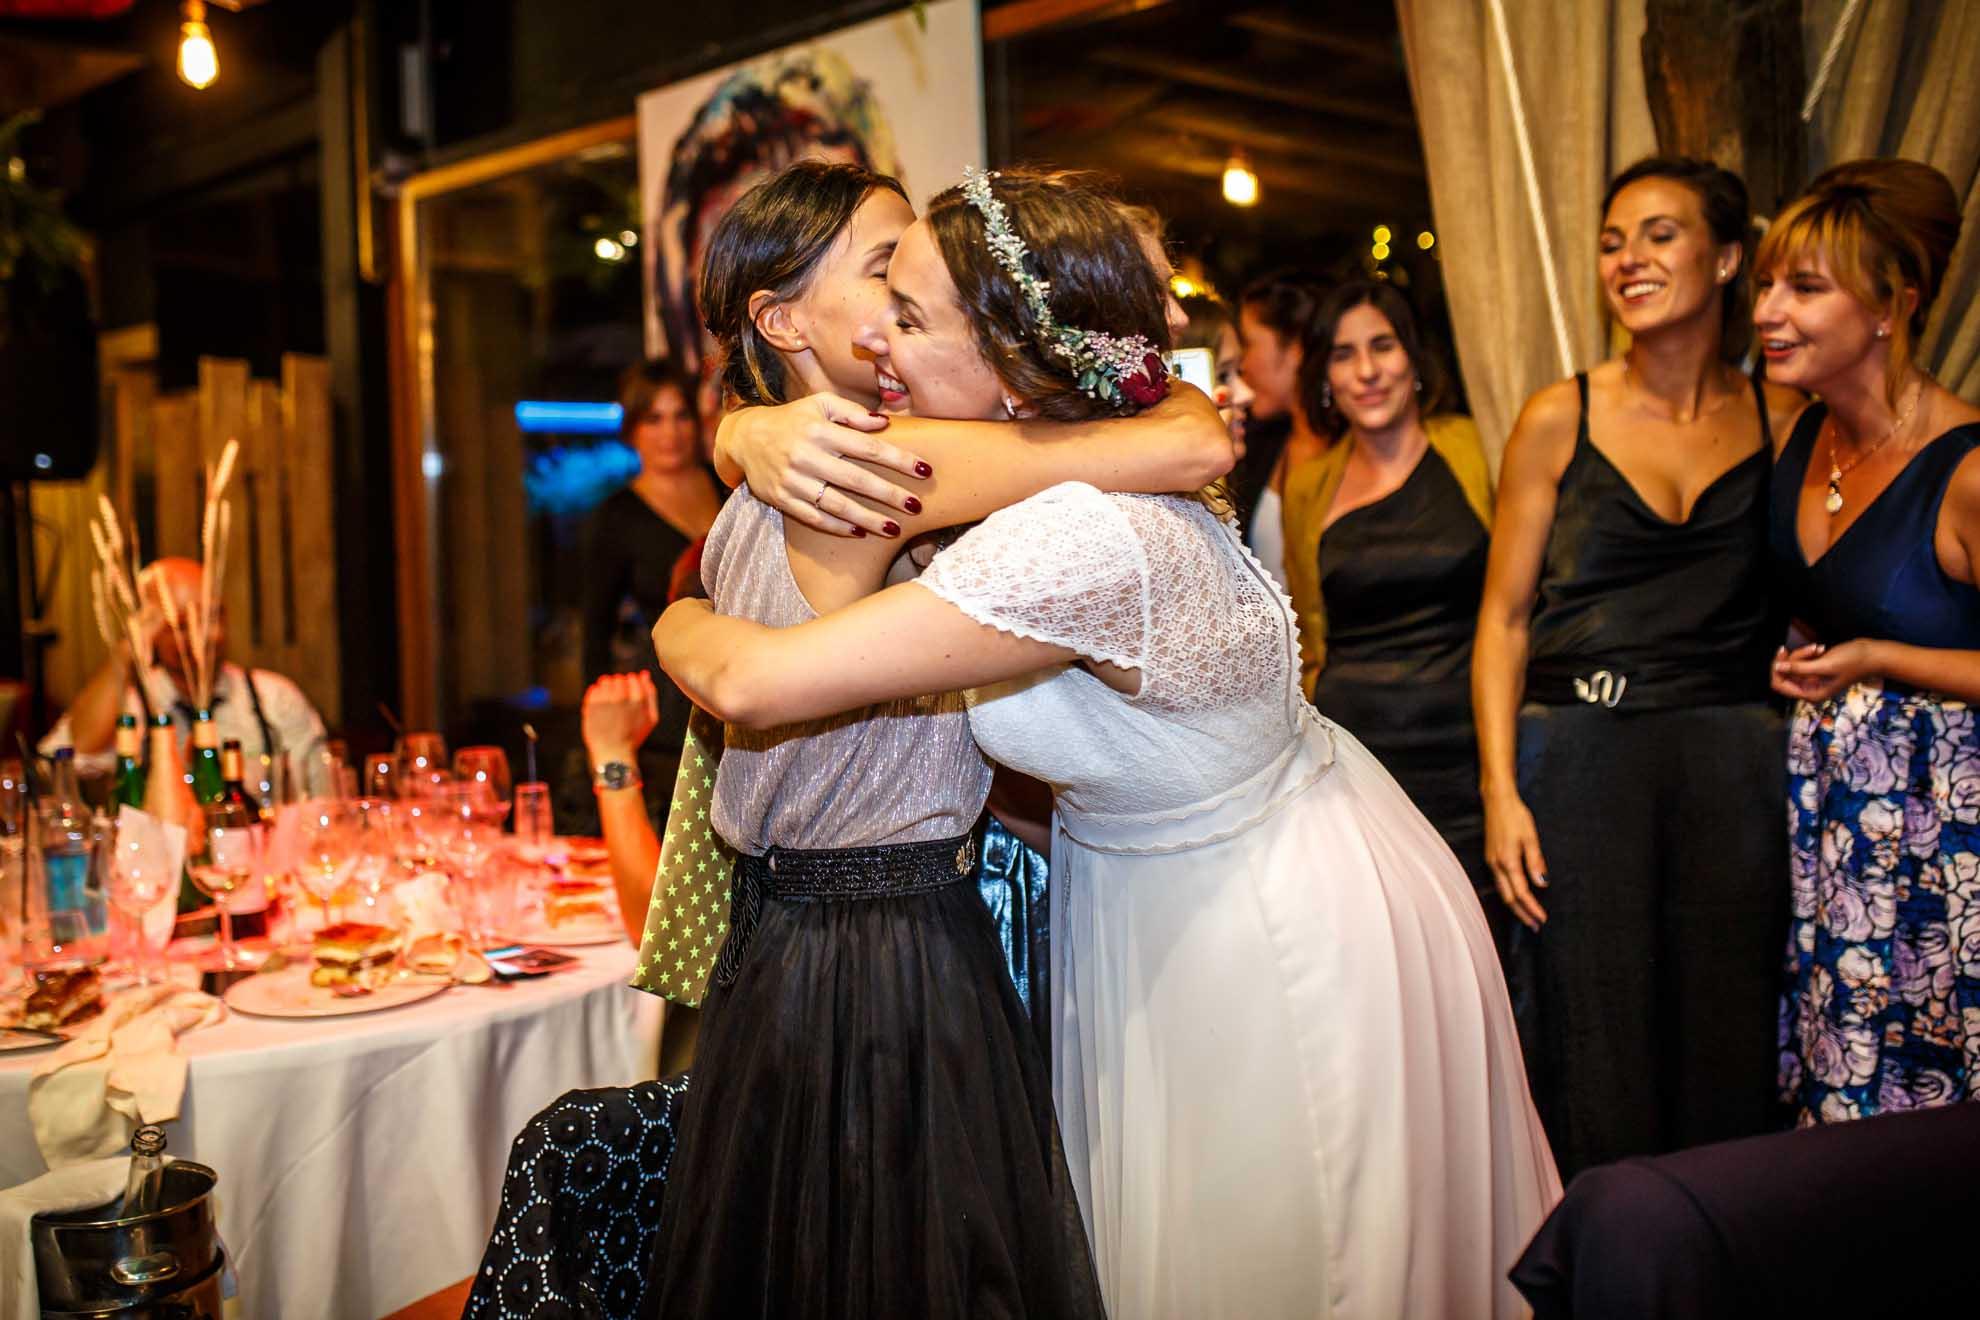 amiga y novia se abrazan en el restaurante araeta